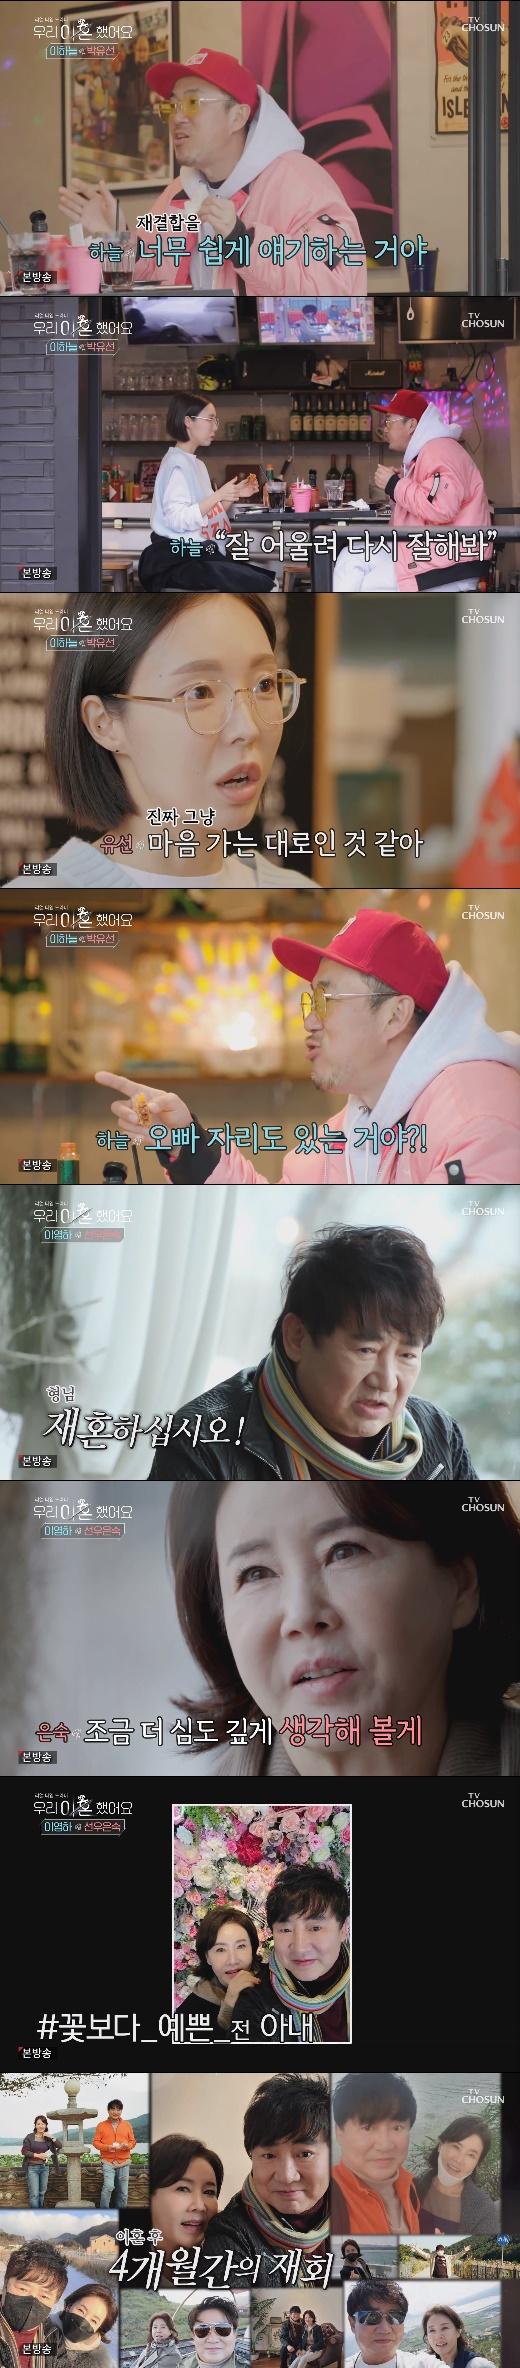 시즌 1 결말 '우 이혼', 이영하 x 선우은숙 상봉 프로포즈 → 최최 x 유 깻잎 시즌 2 출연? [종합]